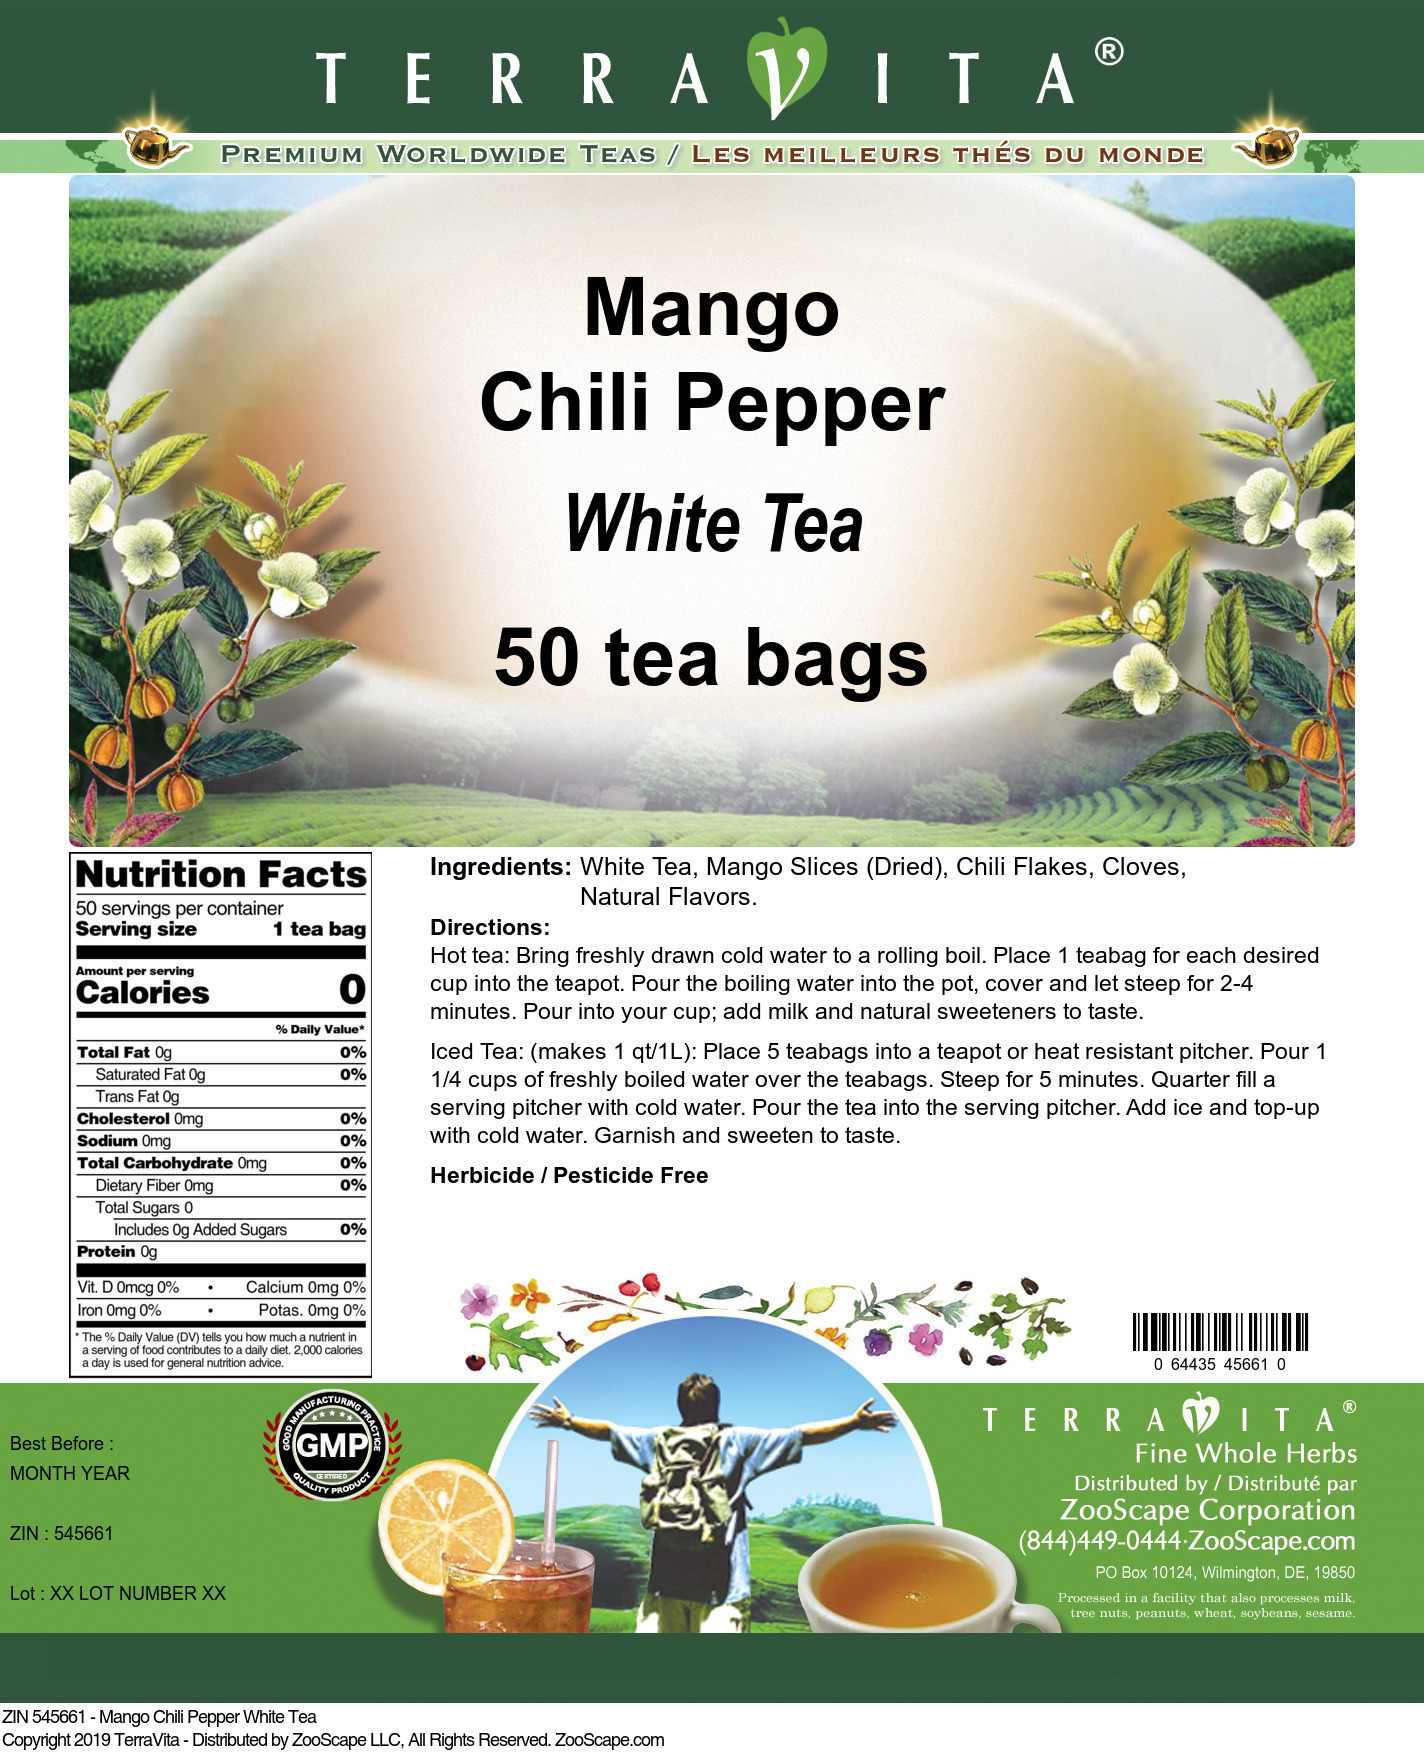 Mango Chili Pepper White Tea